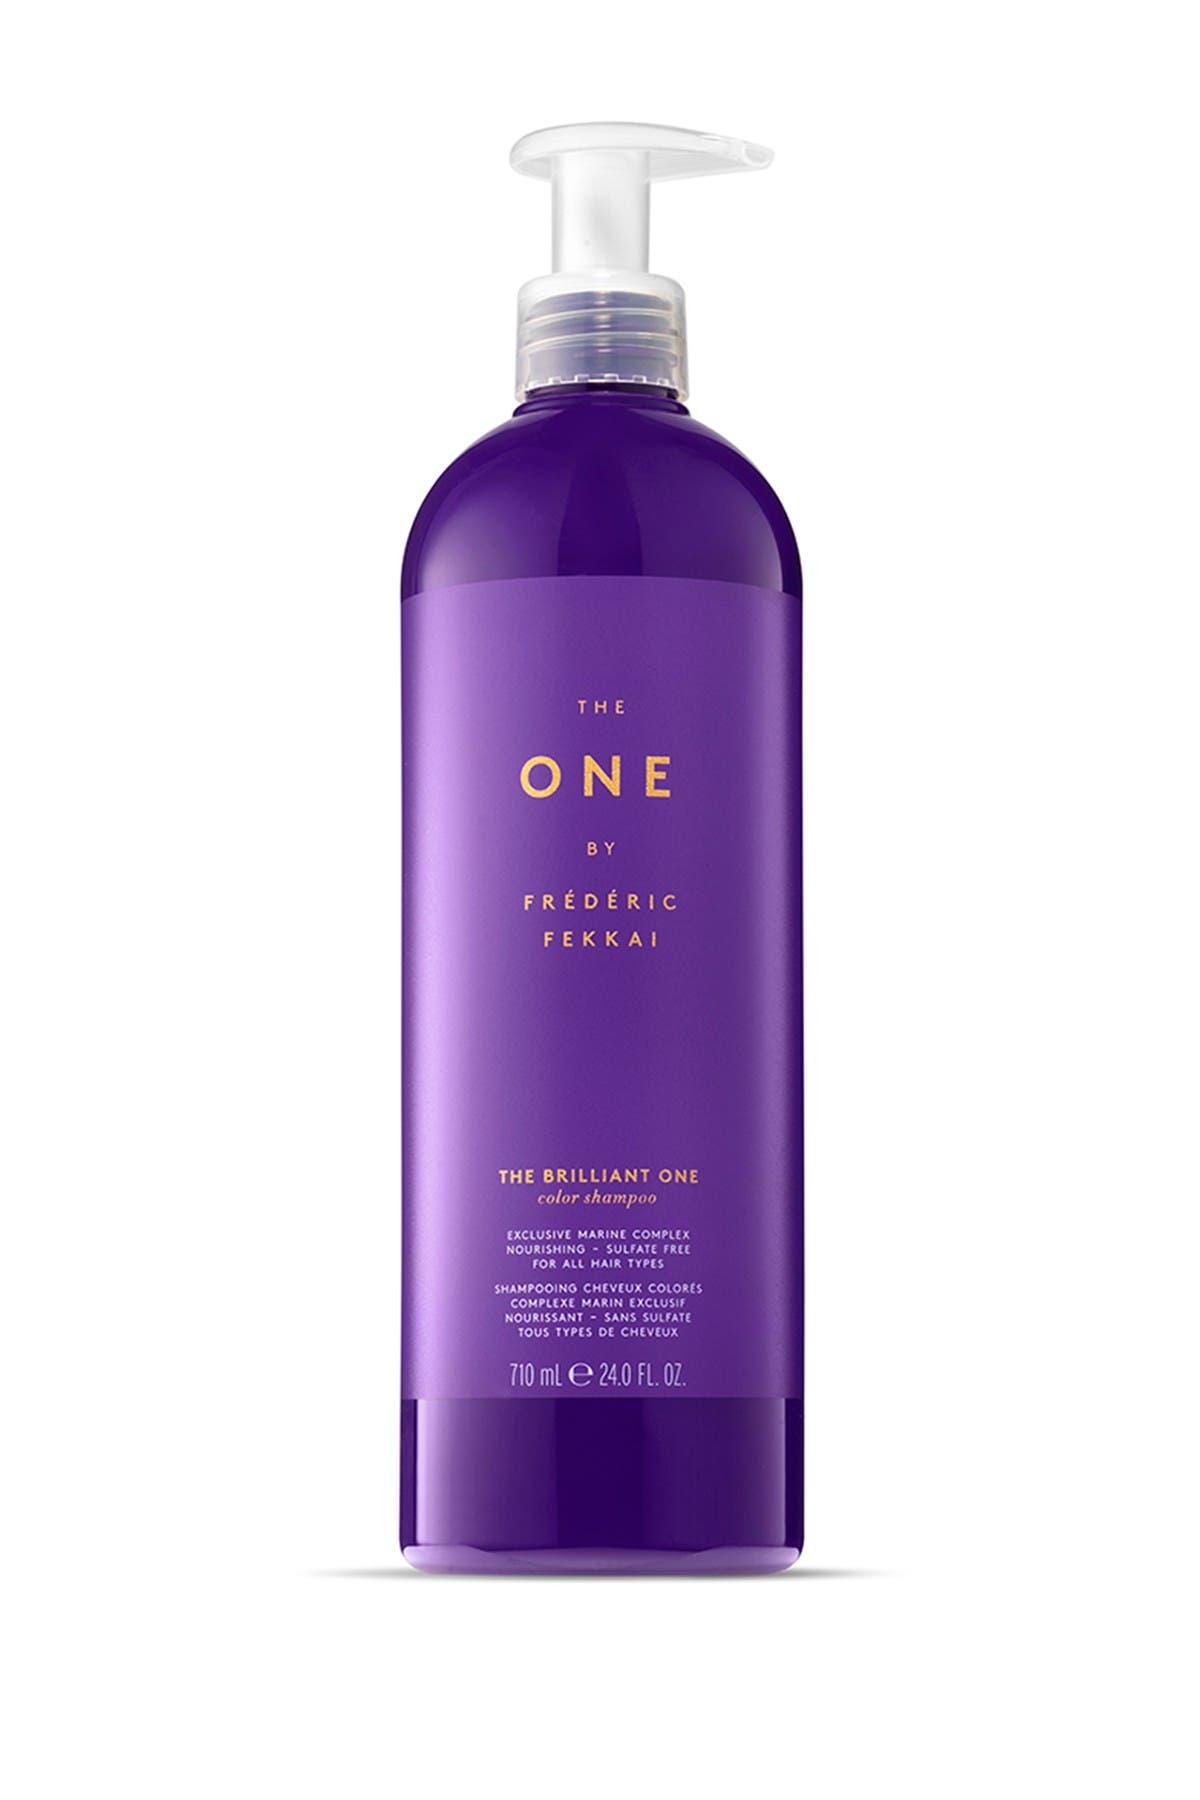 Frederic Fekkai The Brilliant One Color Shampoo